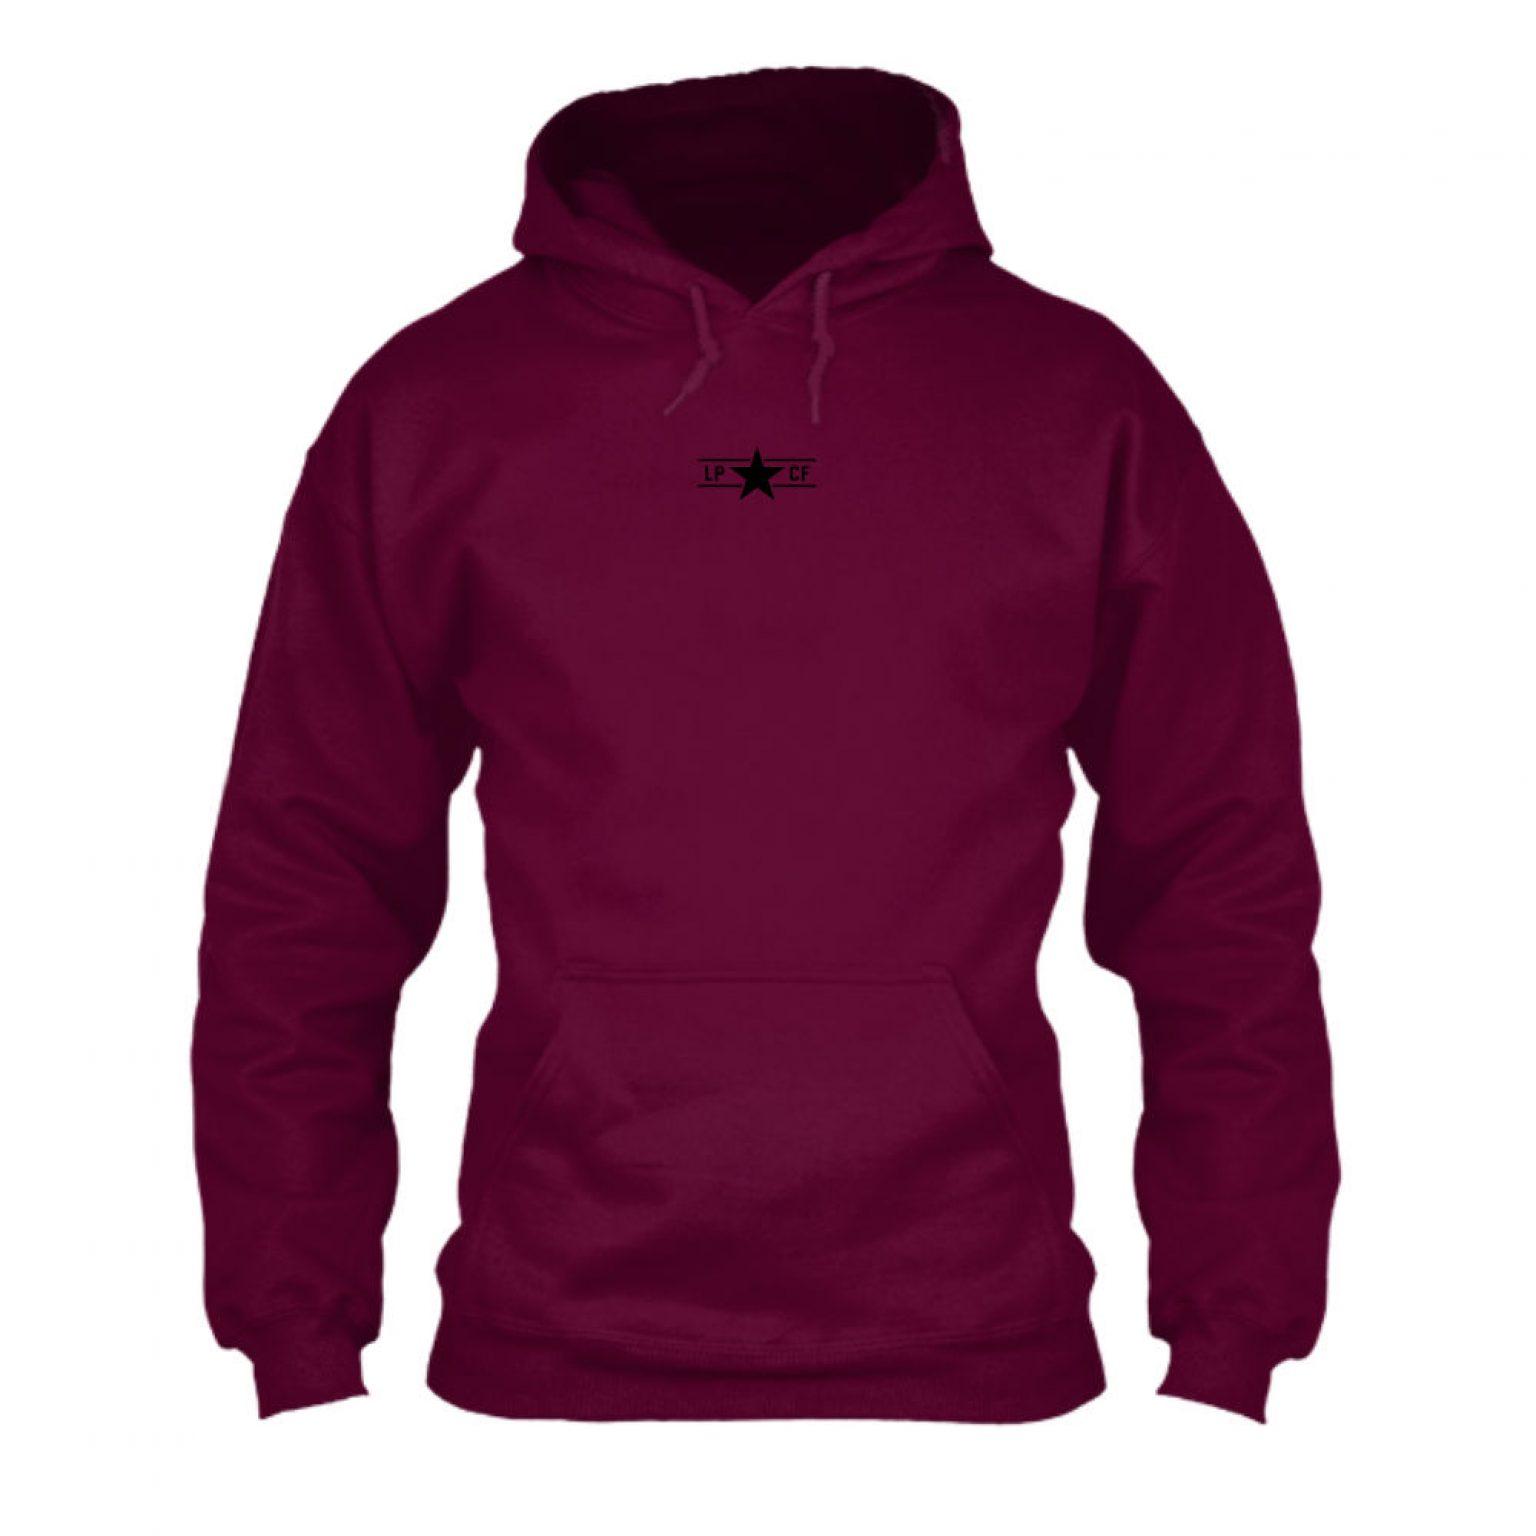 LPcircle hoodie burgundy front